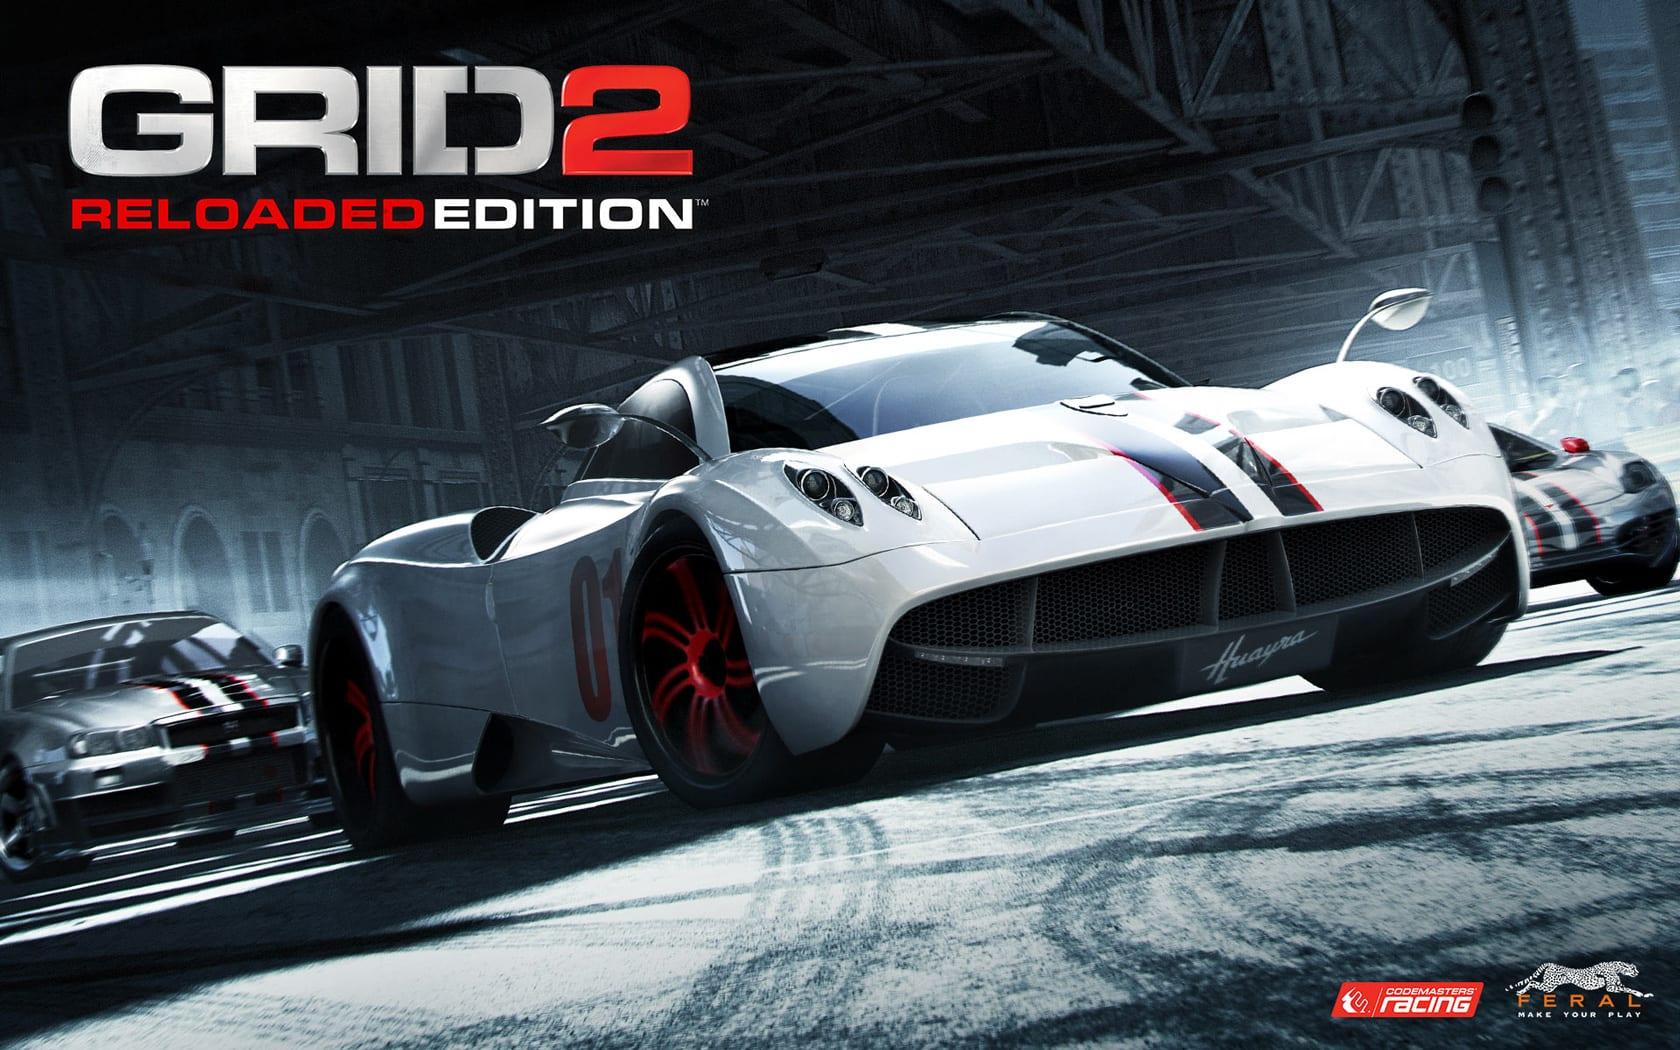 GRID 2 Picture: GRID 2 Reloaded Edition Rebajado Por Tiempo Limitado